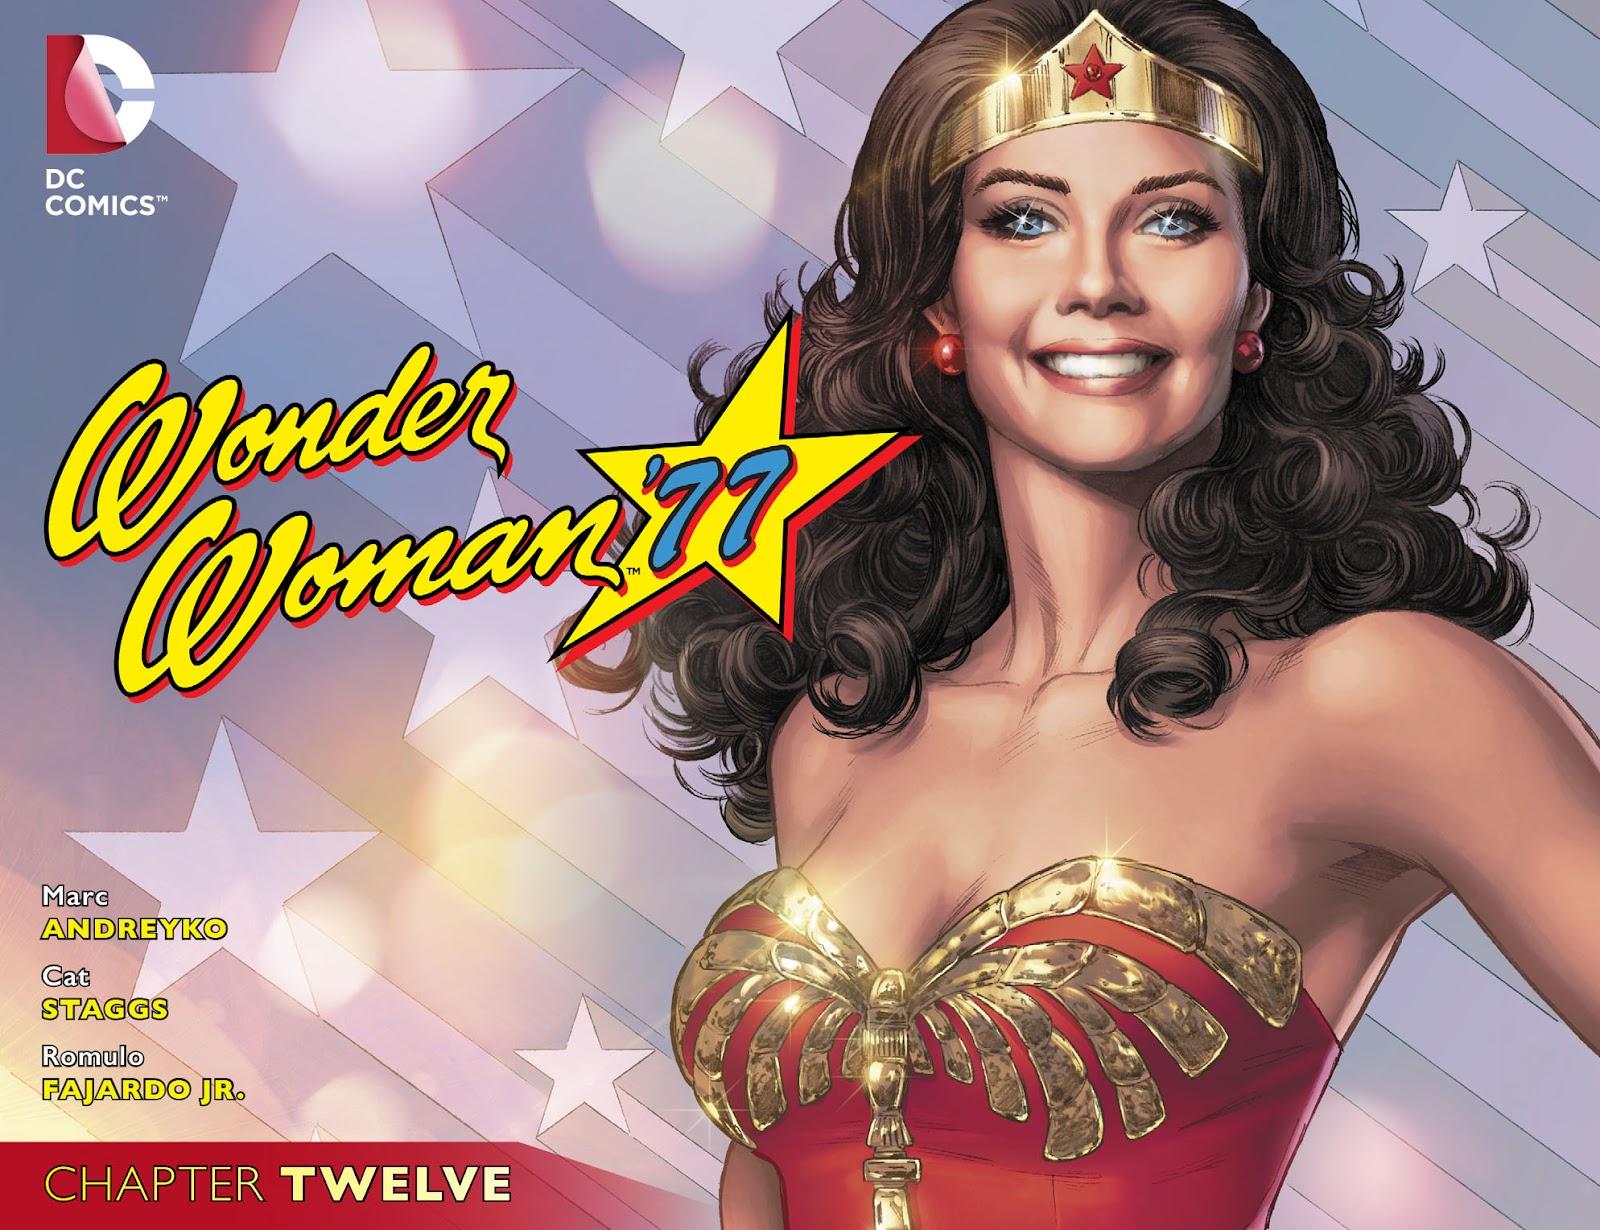 Wonder Woman 77 [I] 12 Page 1